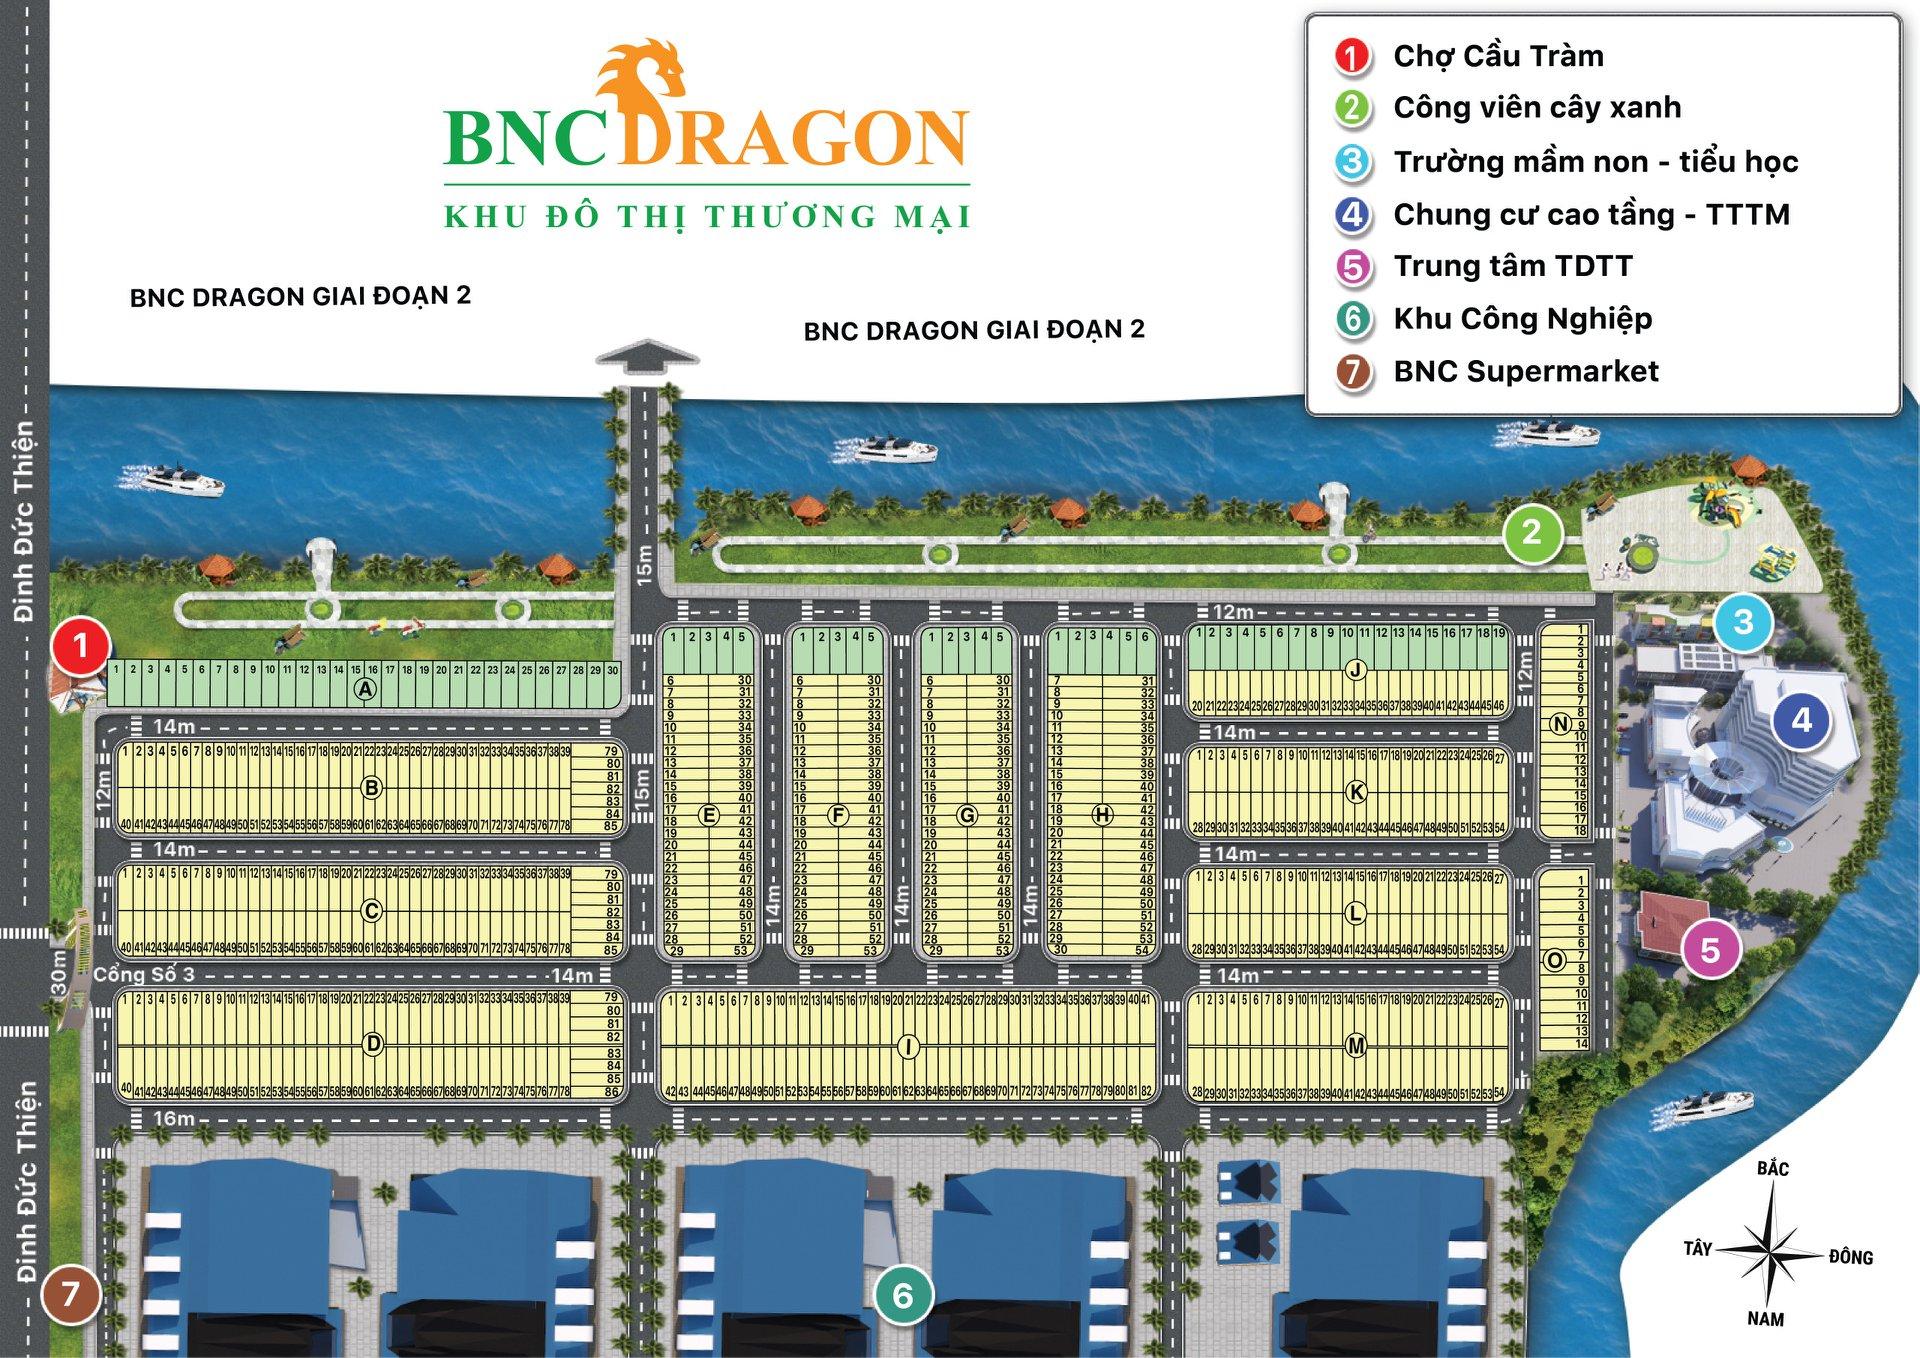 Mặt bằng phân lô dự án khu dân cư BNC Dragon tỉnh Long An